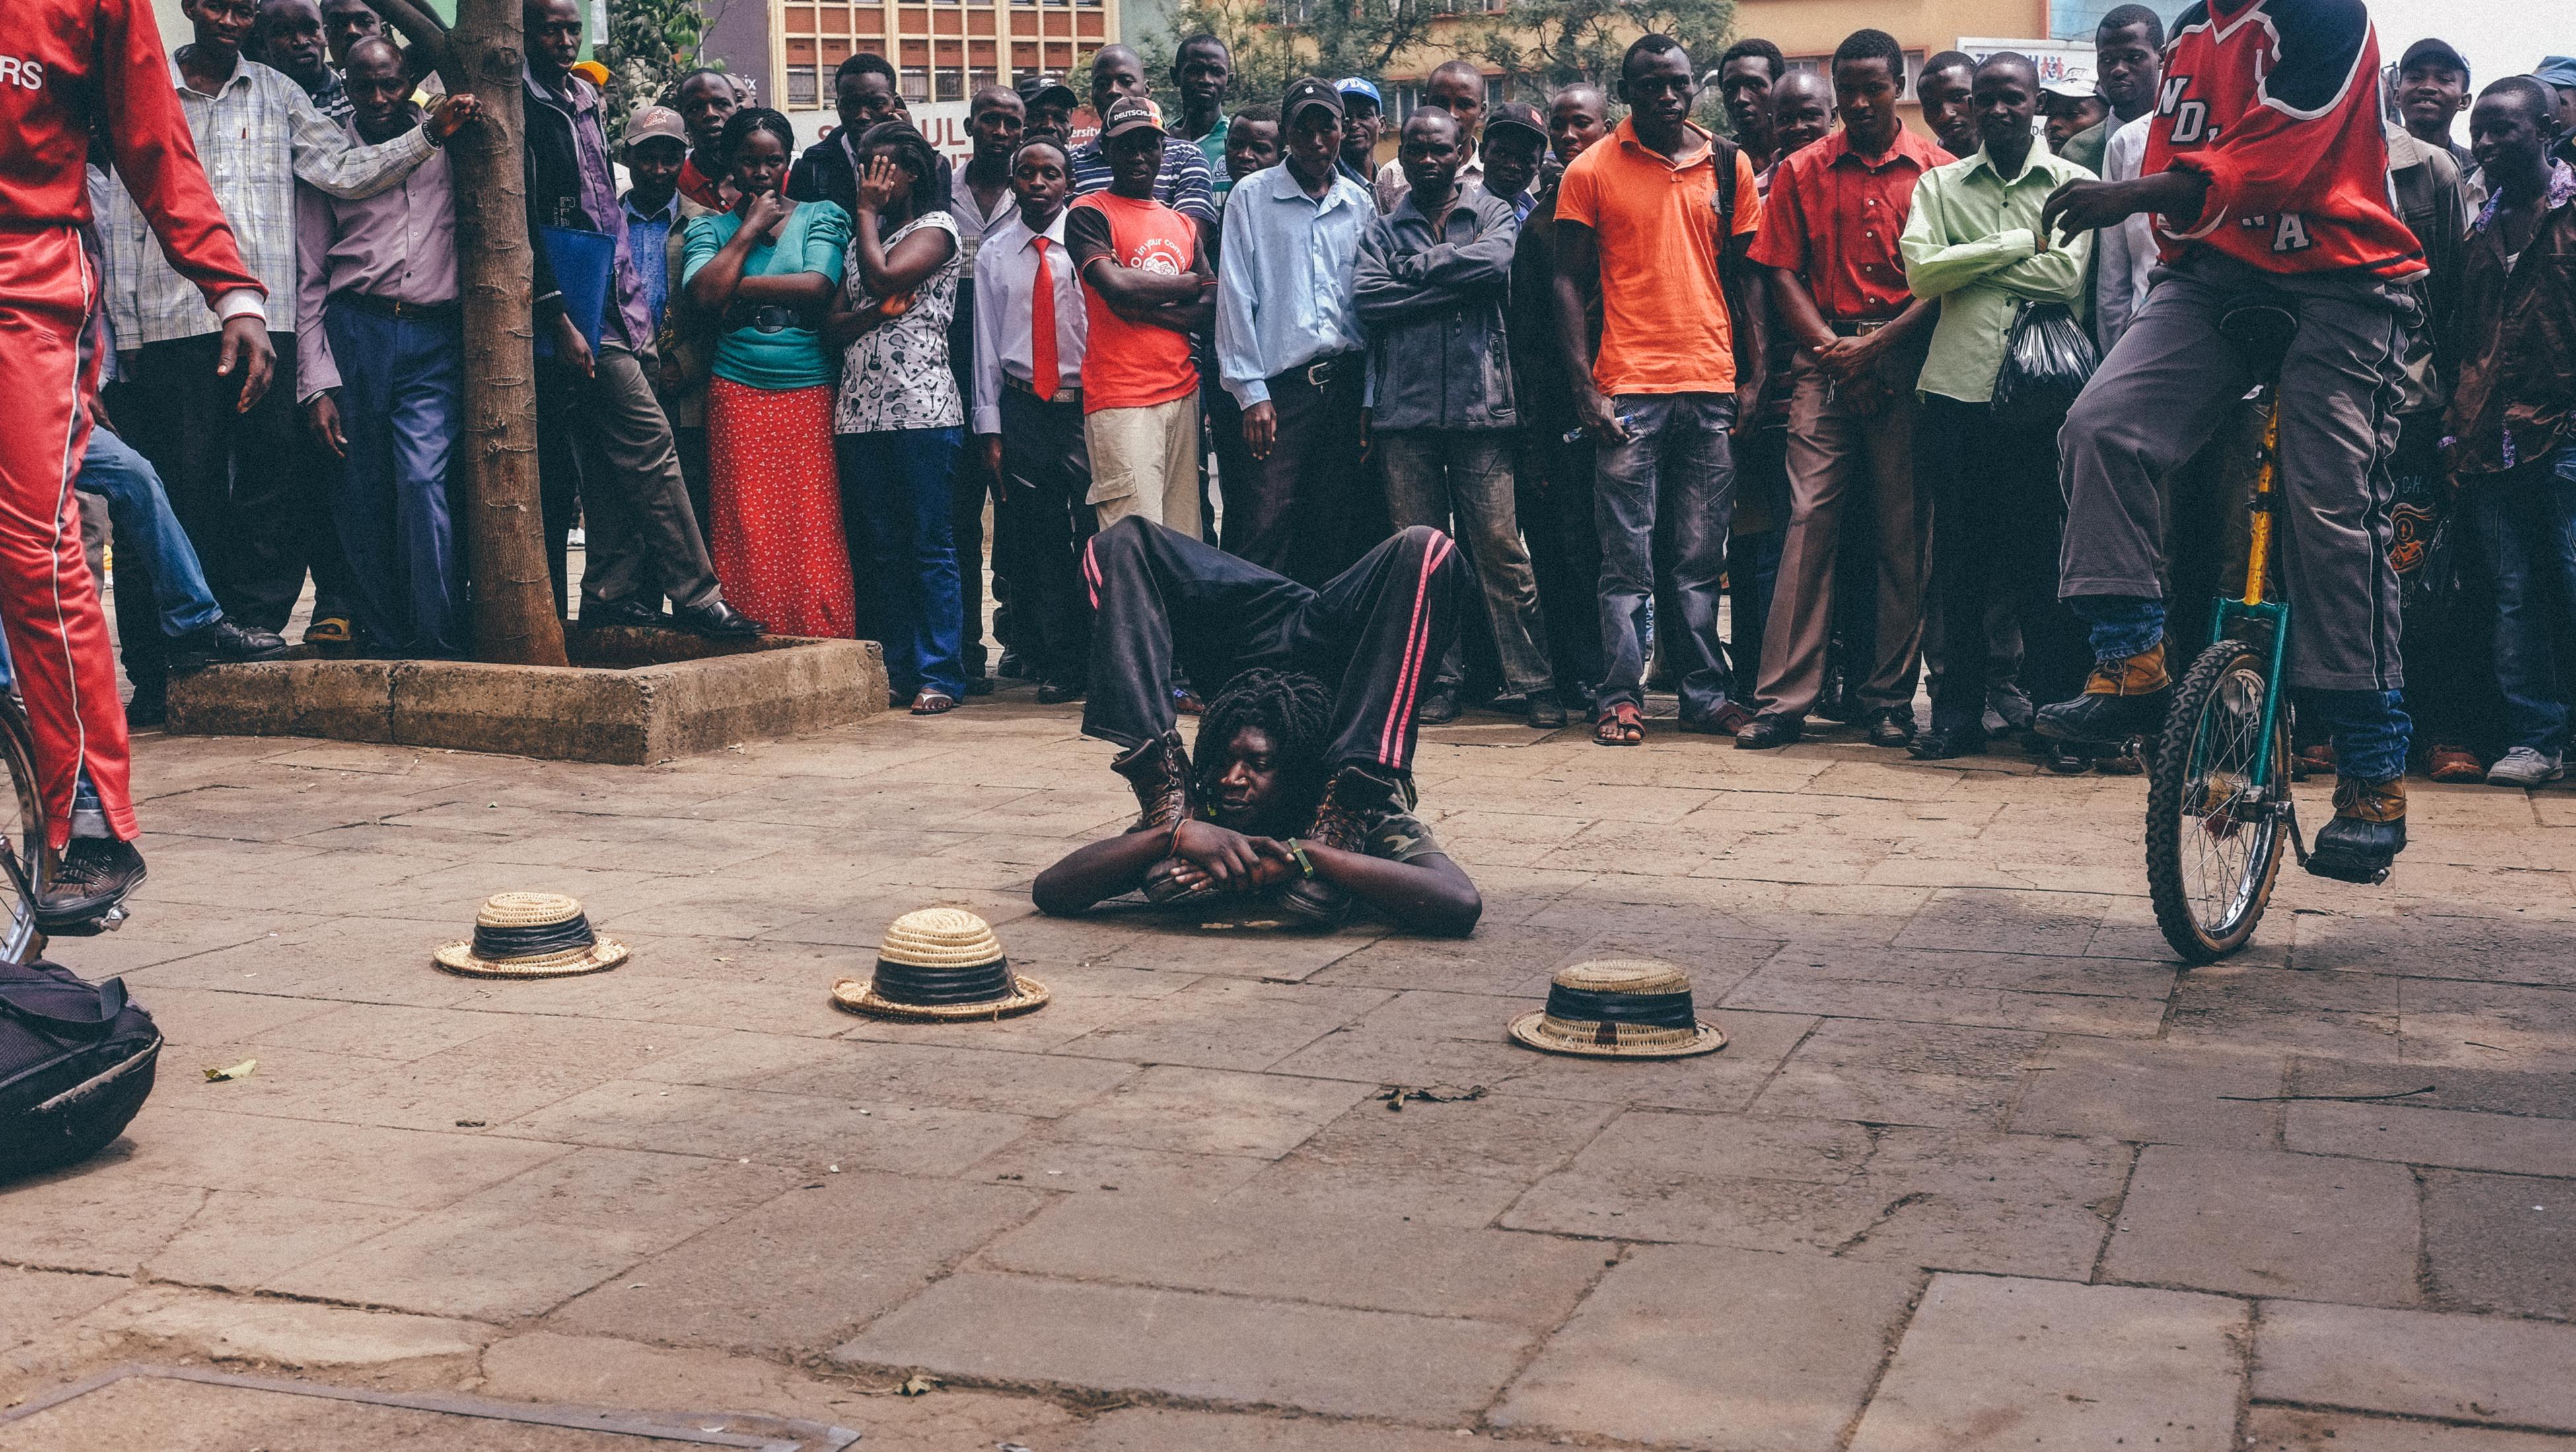 street-performers-nairobi-kenya